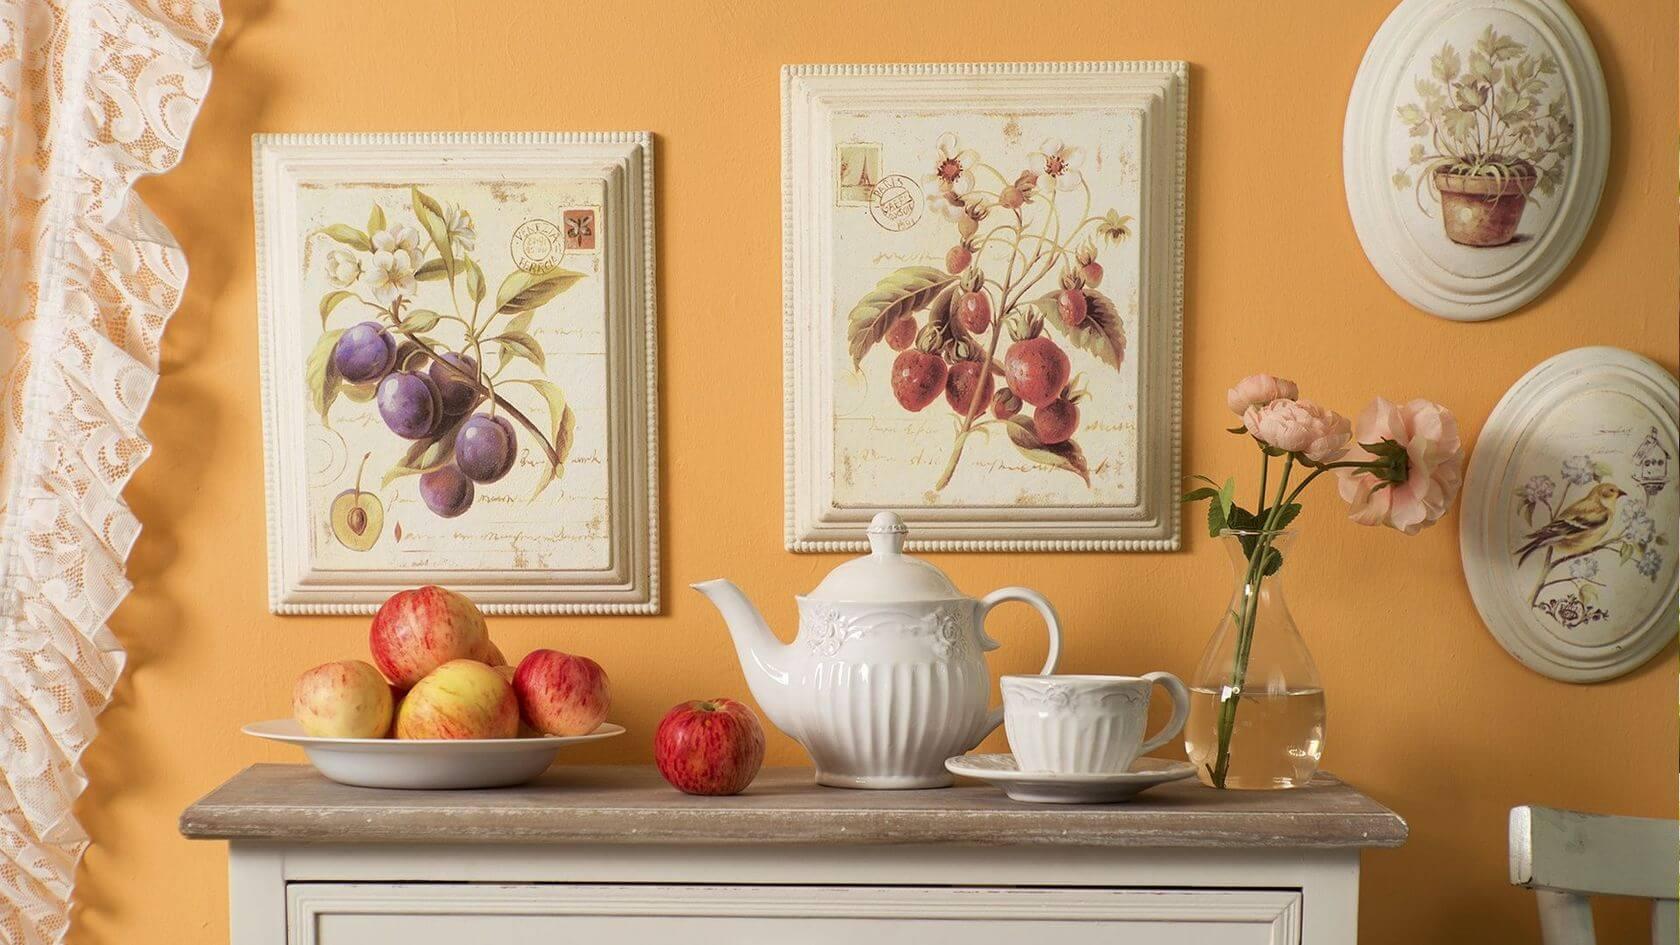 красивые картинки для кухни в рамку